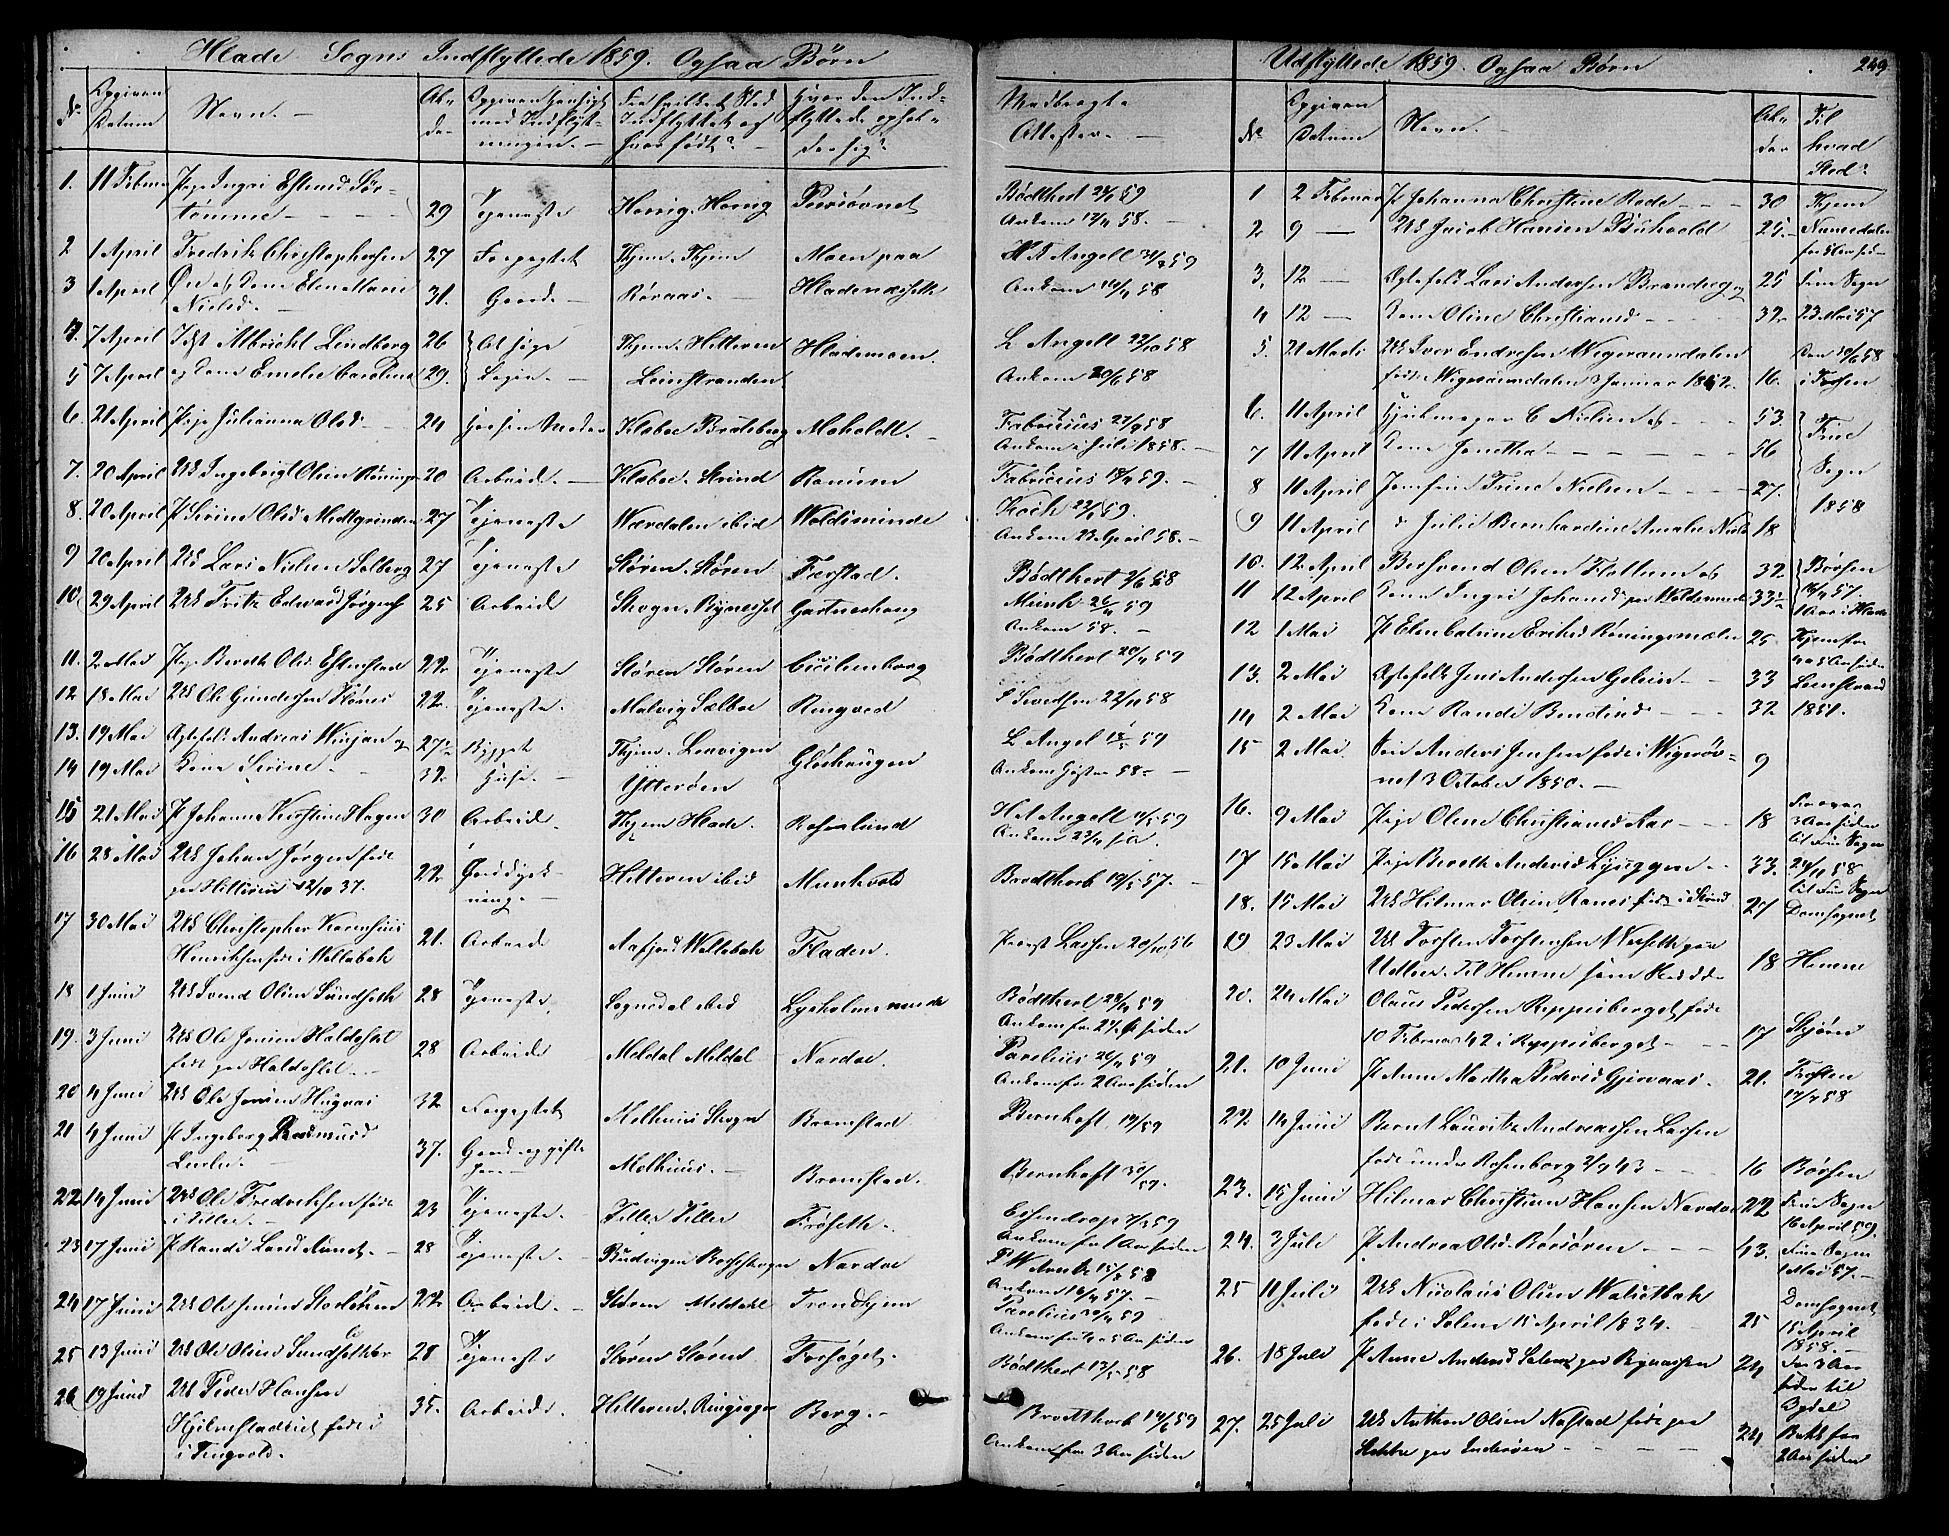 SAT, Ministerialprotokoller, klokkerbøker og fødselsregistre - Sør-Trøndelag, 606/L0310: Klokkerbok nr. 606C06, 1850-1859, s. 249